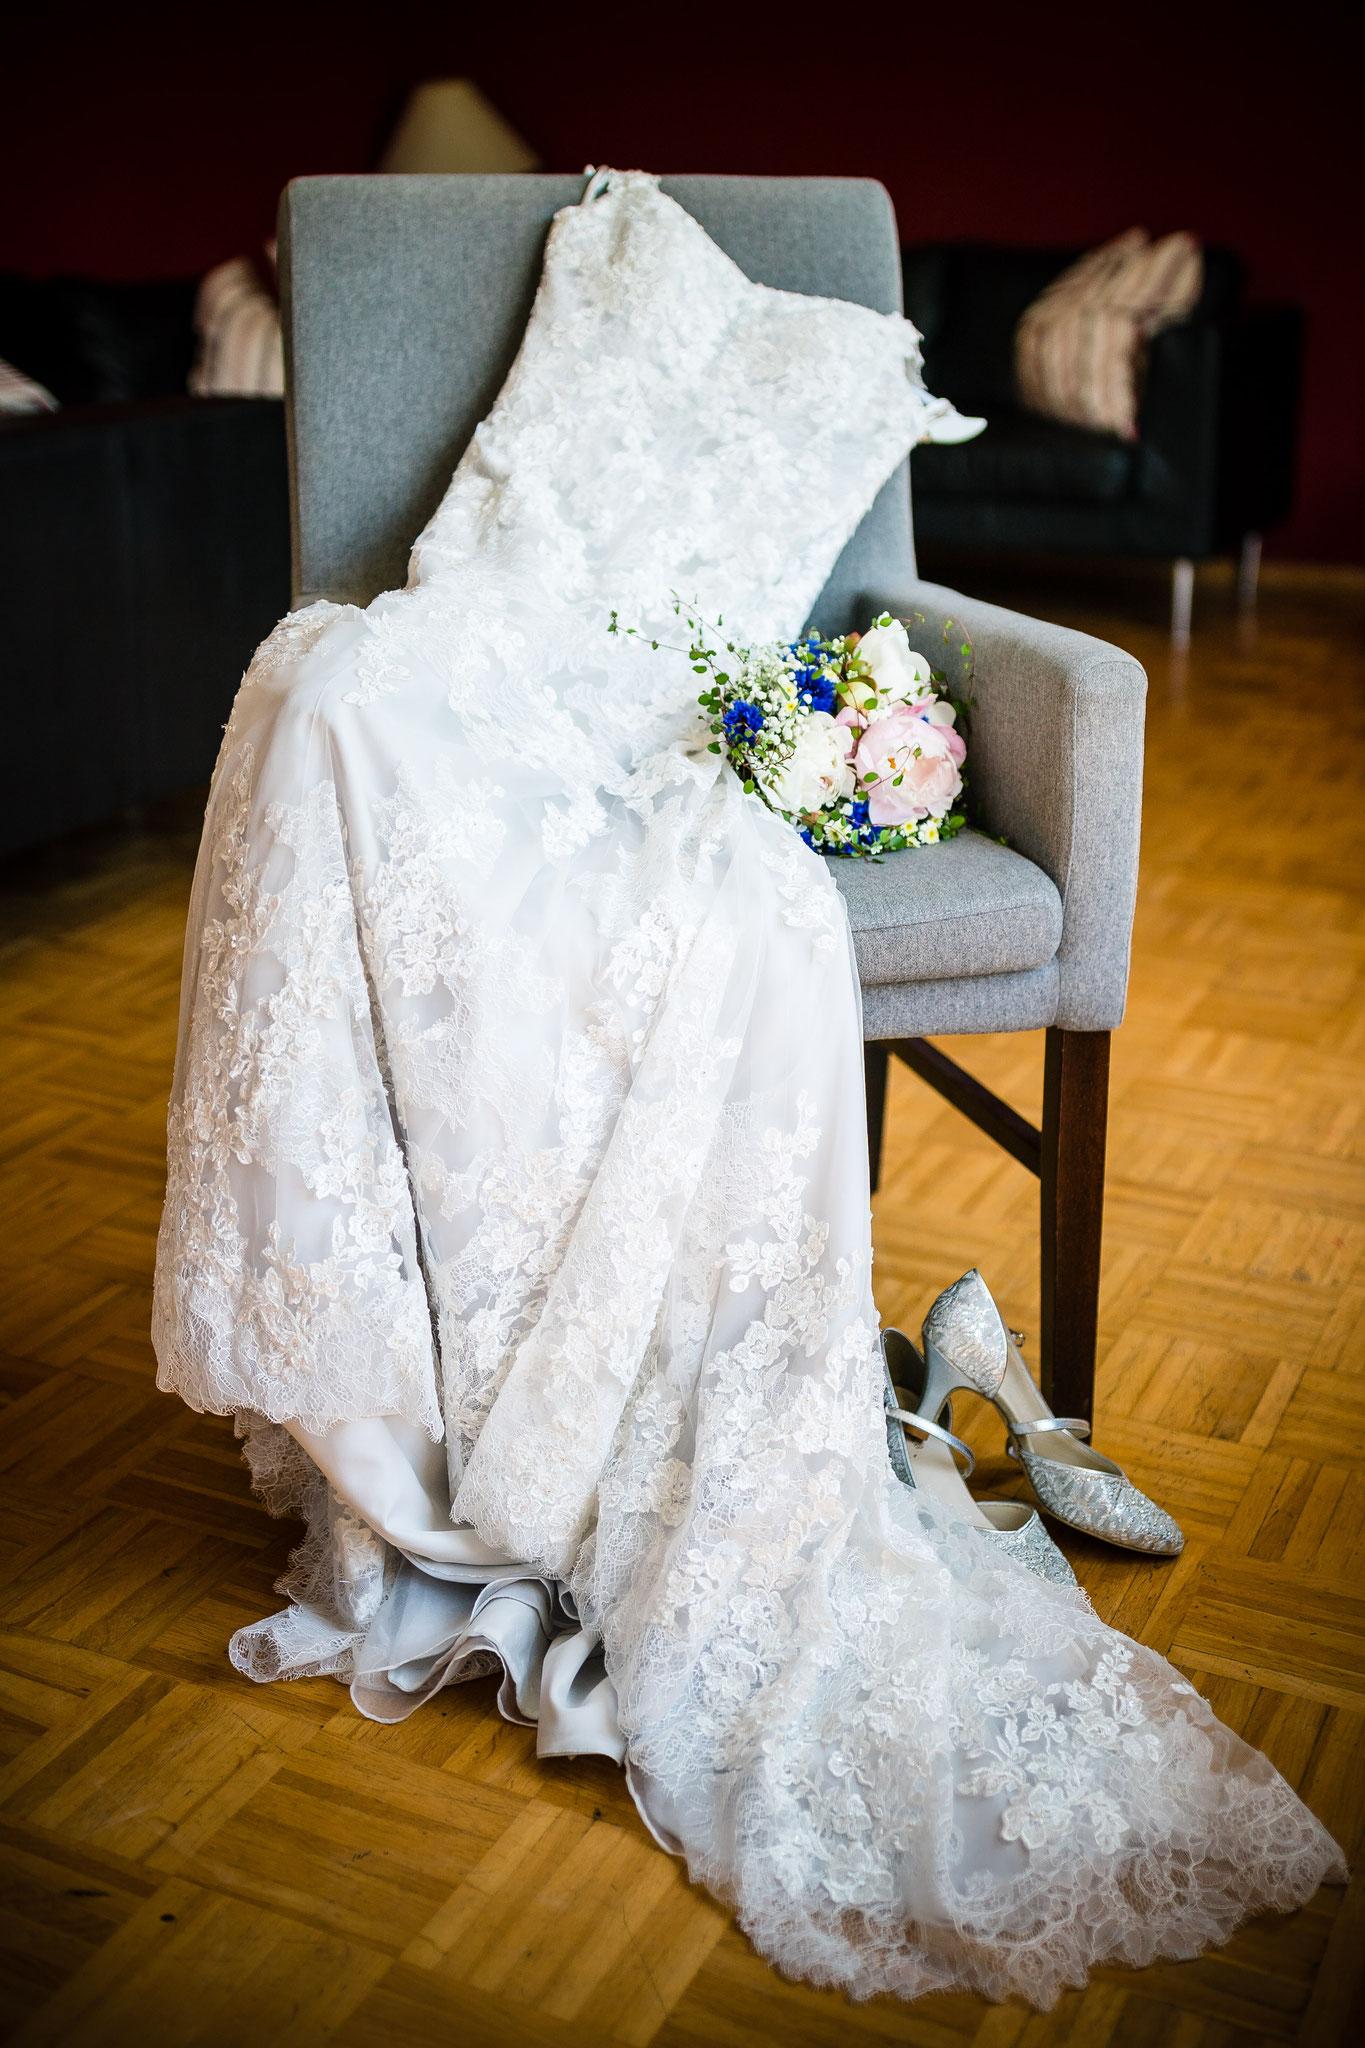 Hochzeitskleid vor dem Getting Ready